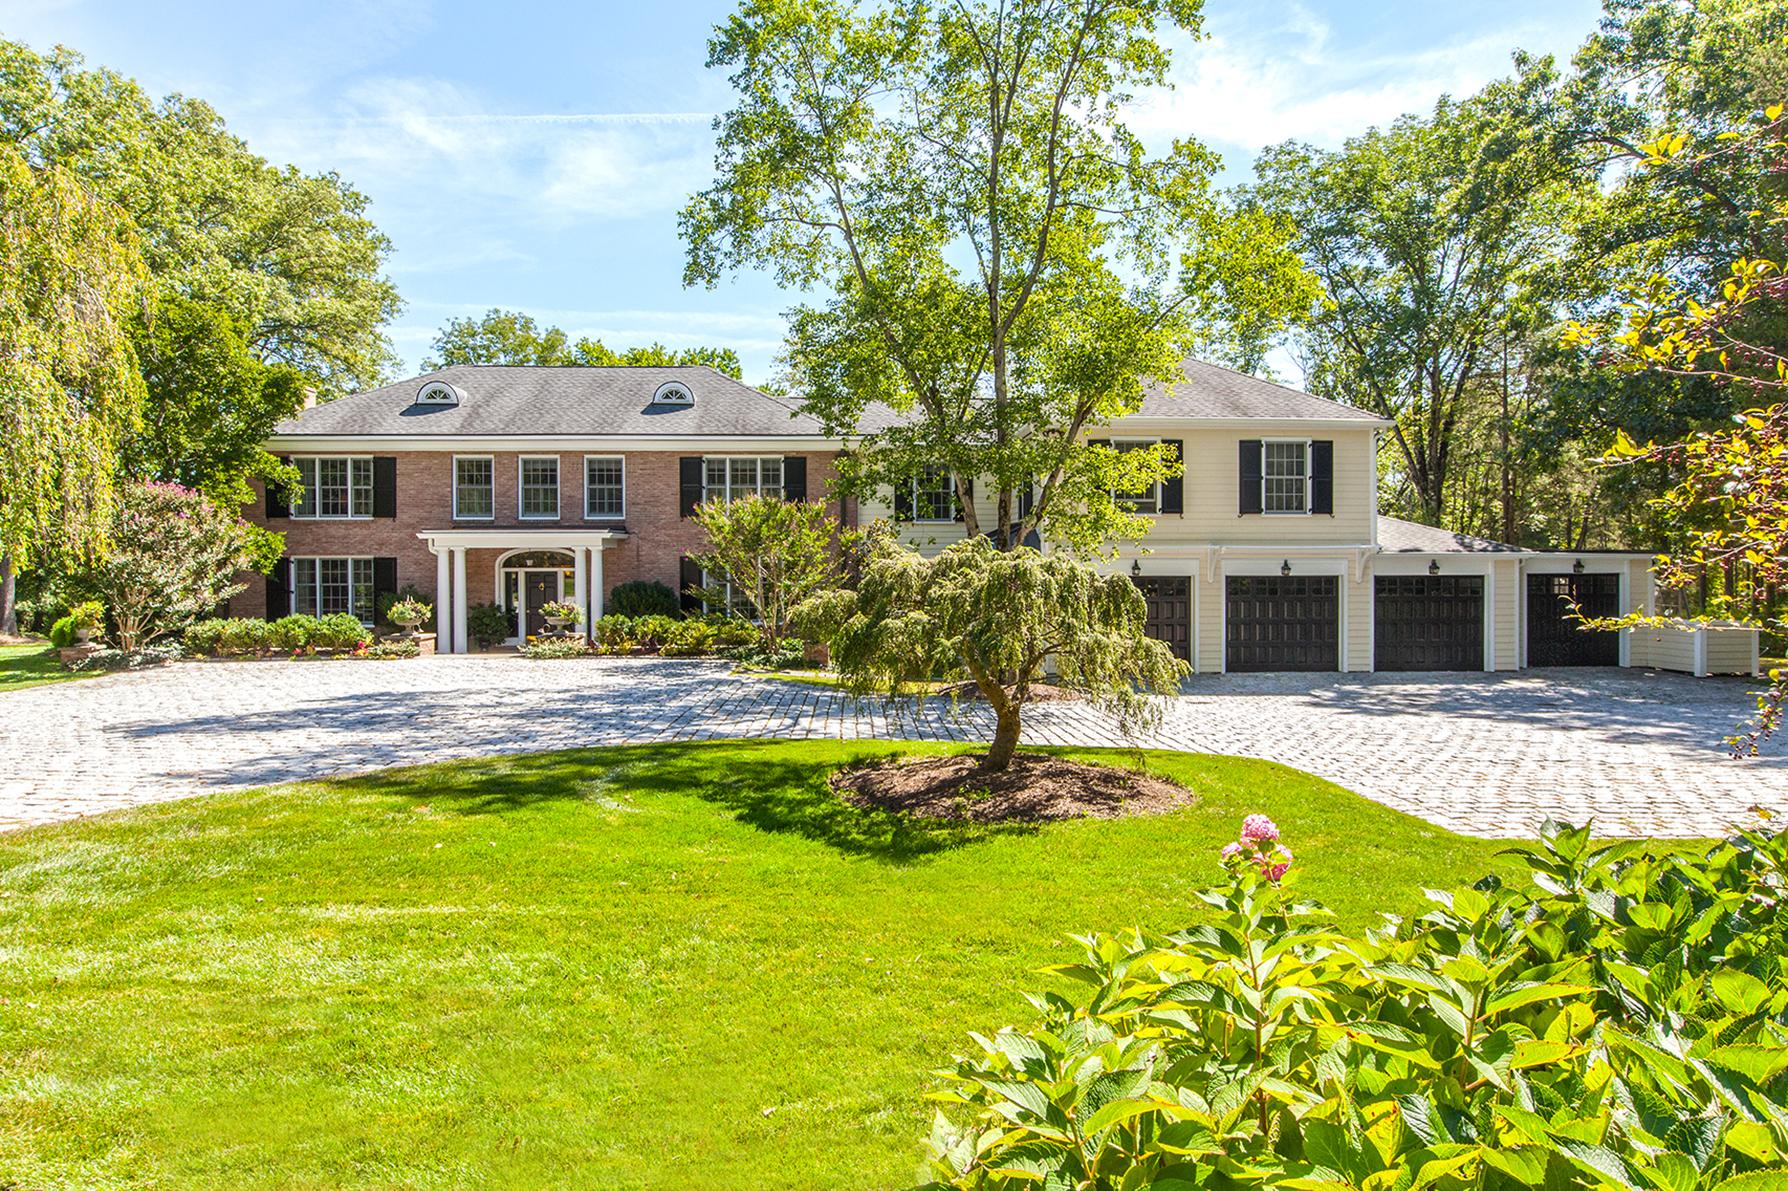 Einfamilienhaus für Verkauf beim A Stunning Estate Moments from Downtown Princeton 2 Pheasant Hill Road Princeton, New Jersey 08540 Vereinigte Staaten